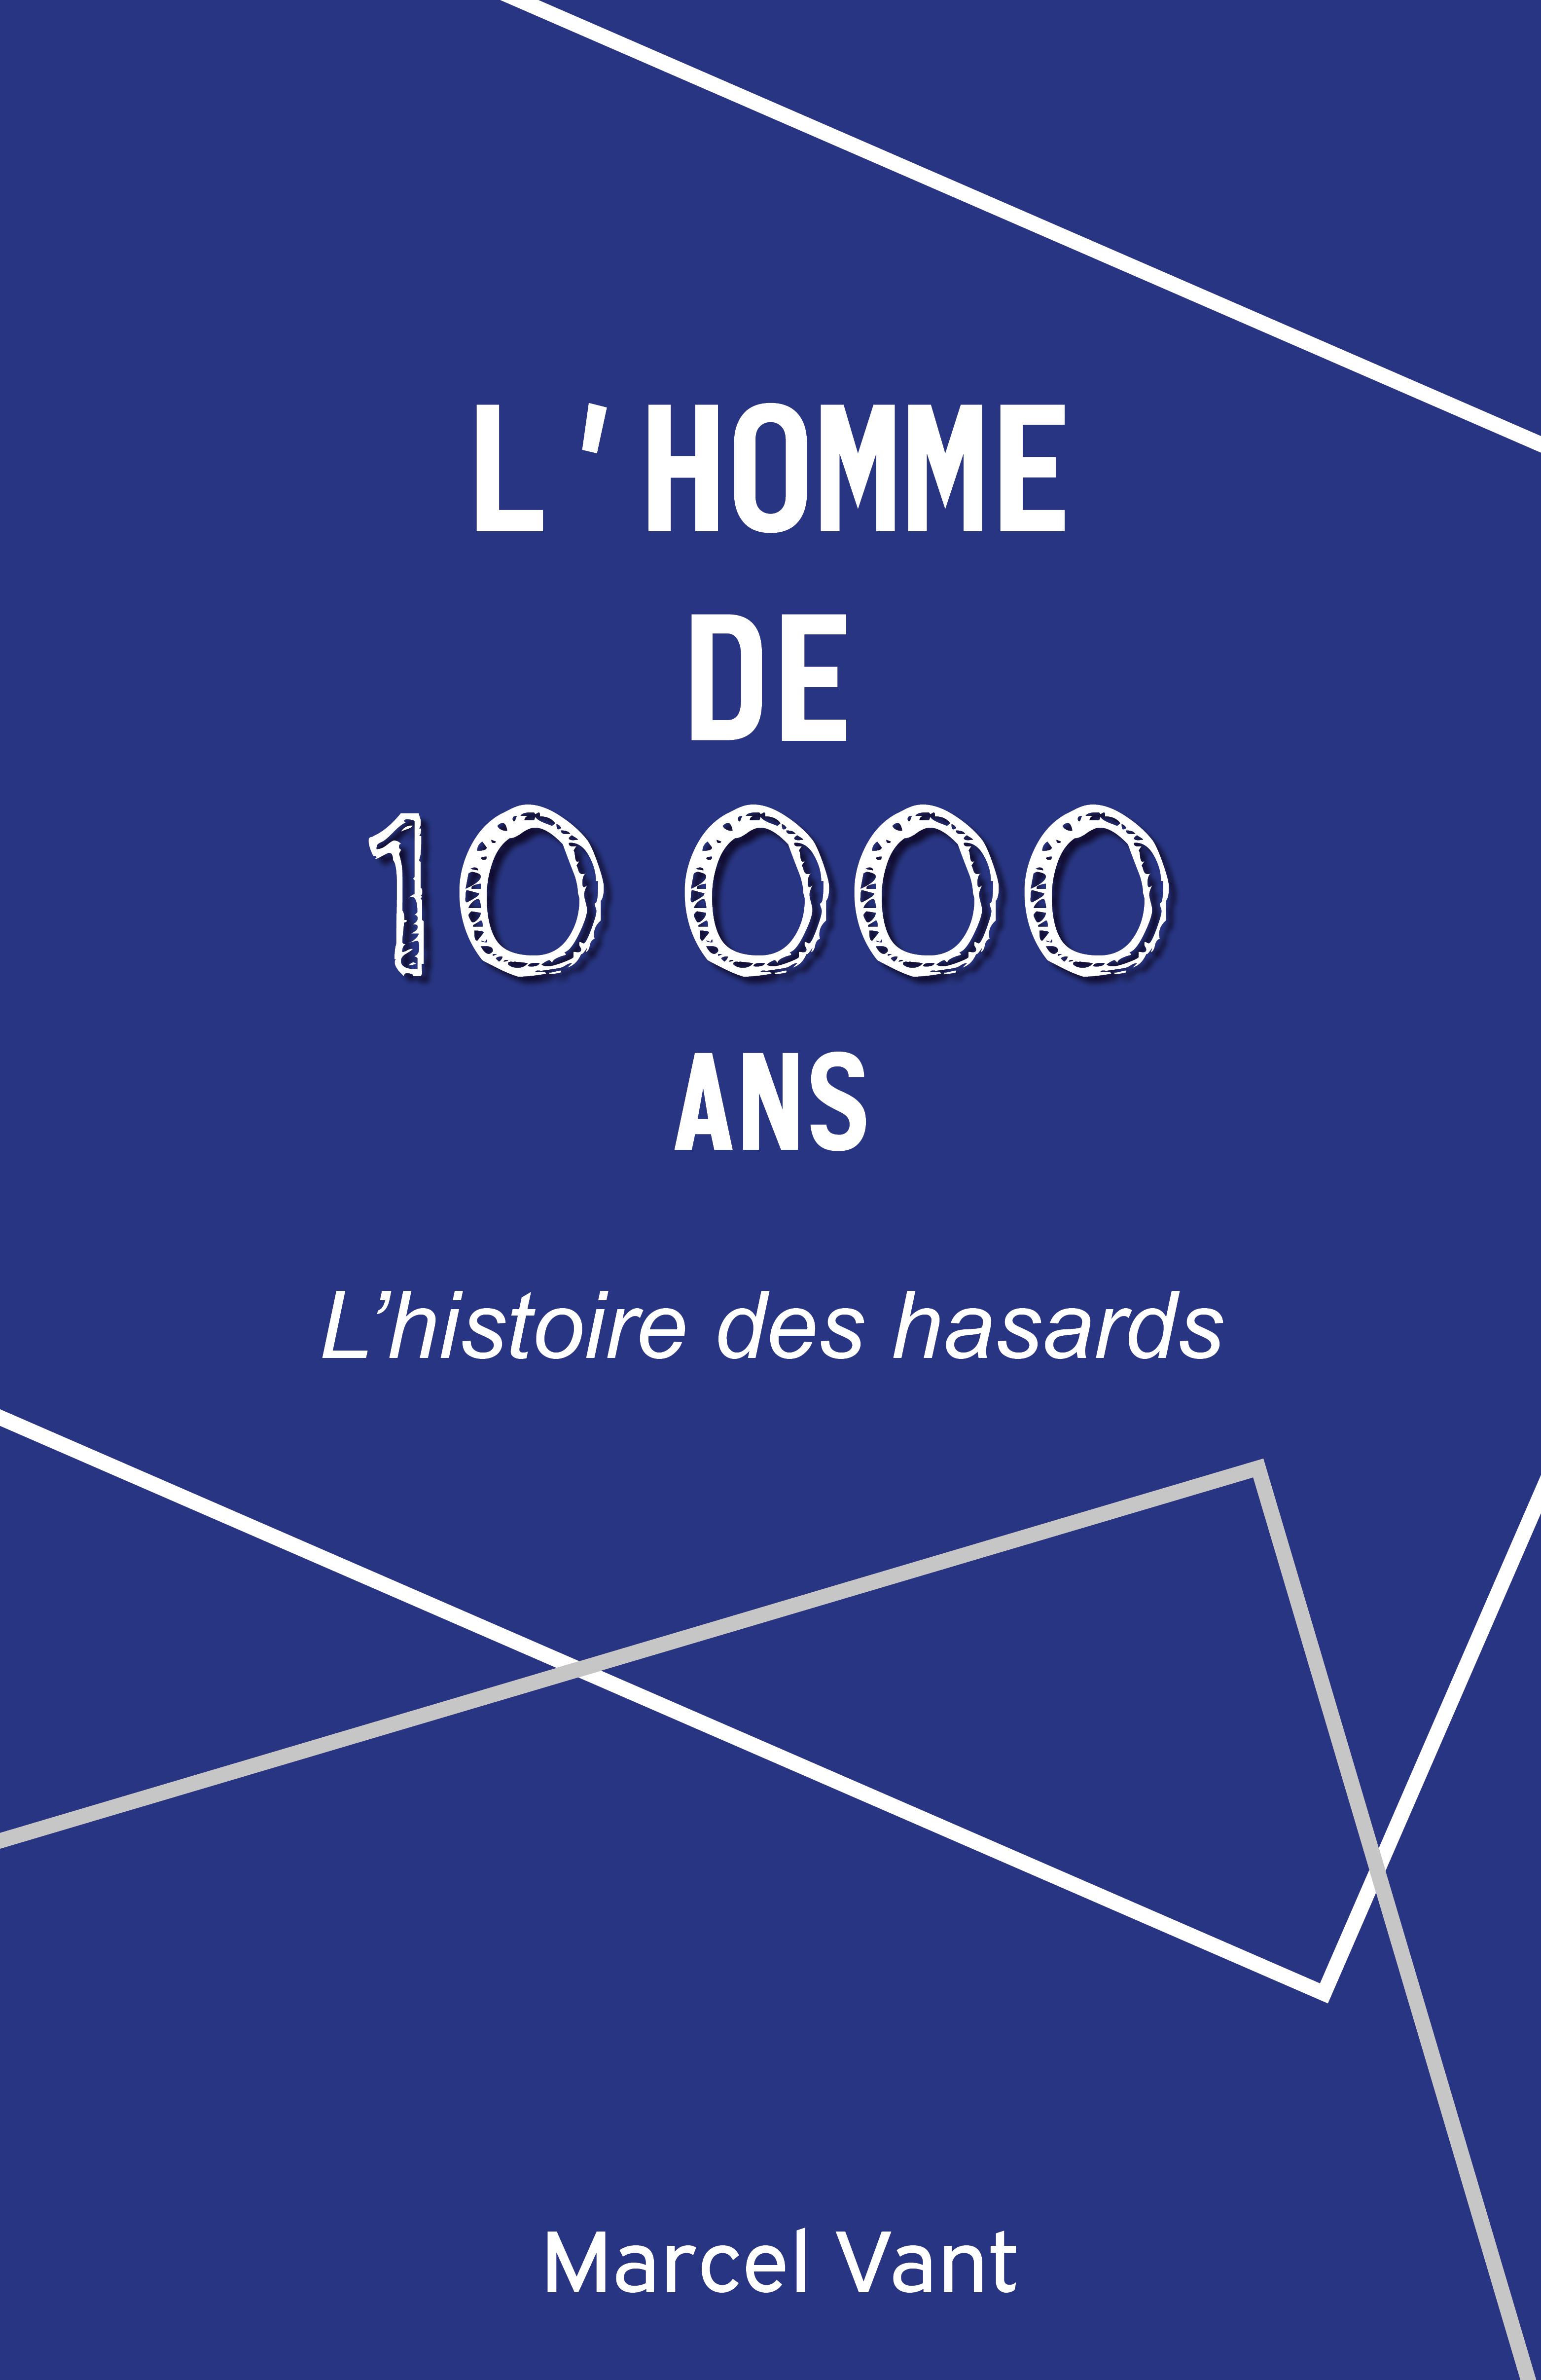 L'Homme de 10 000 ans, L'histoire des hasards